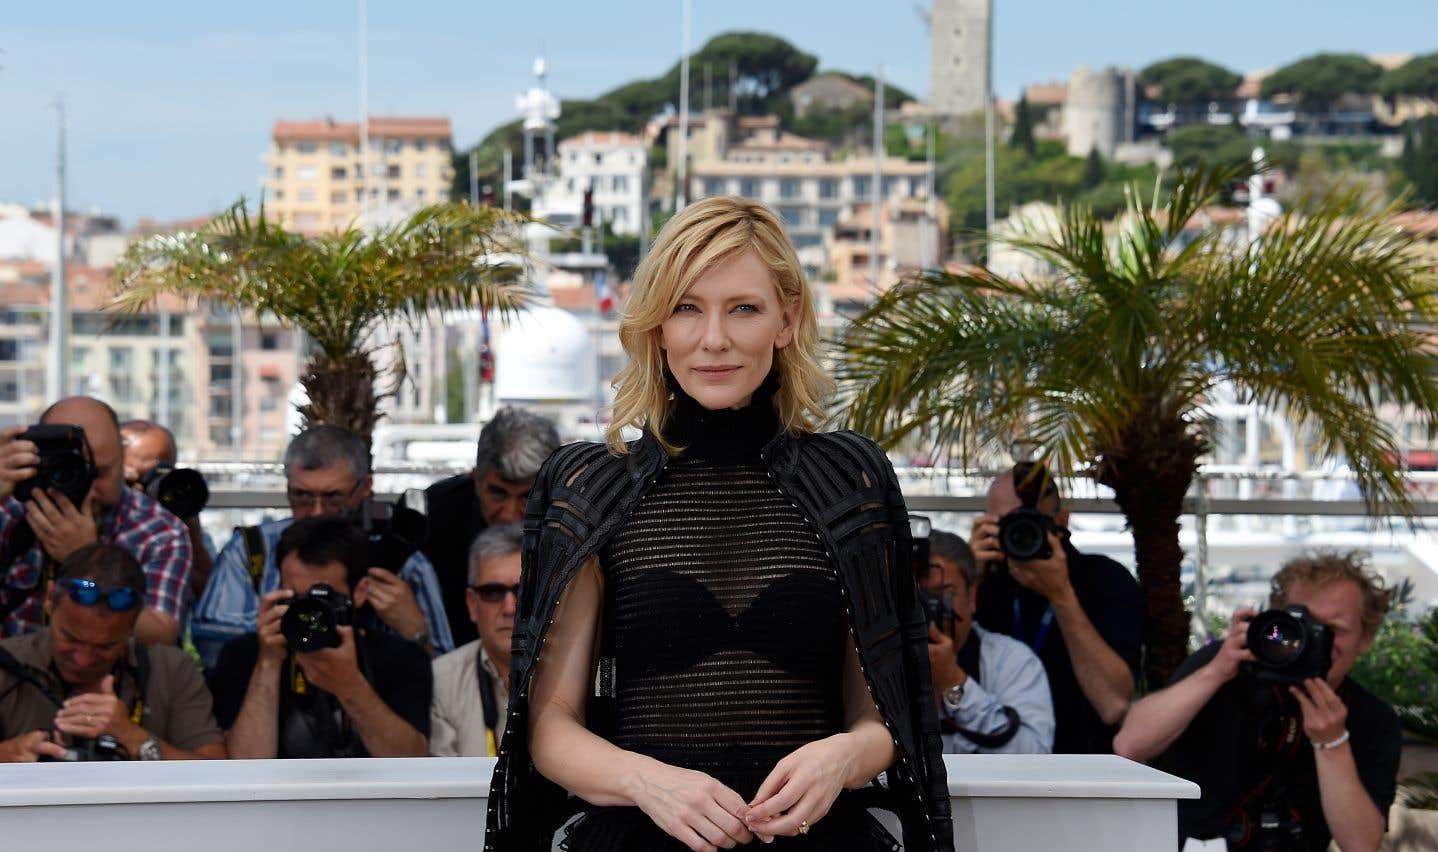 L'actrice australienne Cate Blanchett, au Festival de Cannes 2015